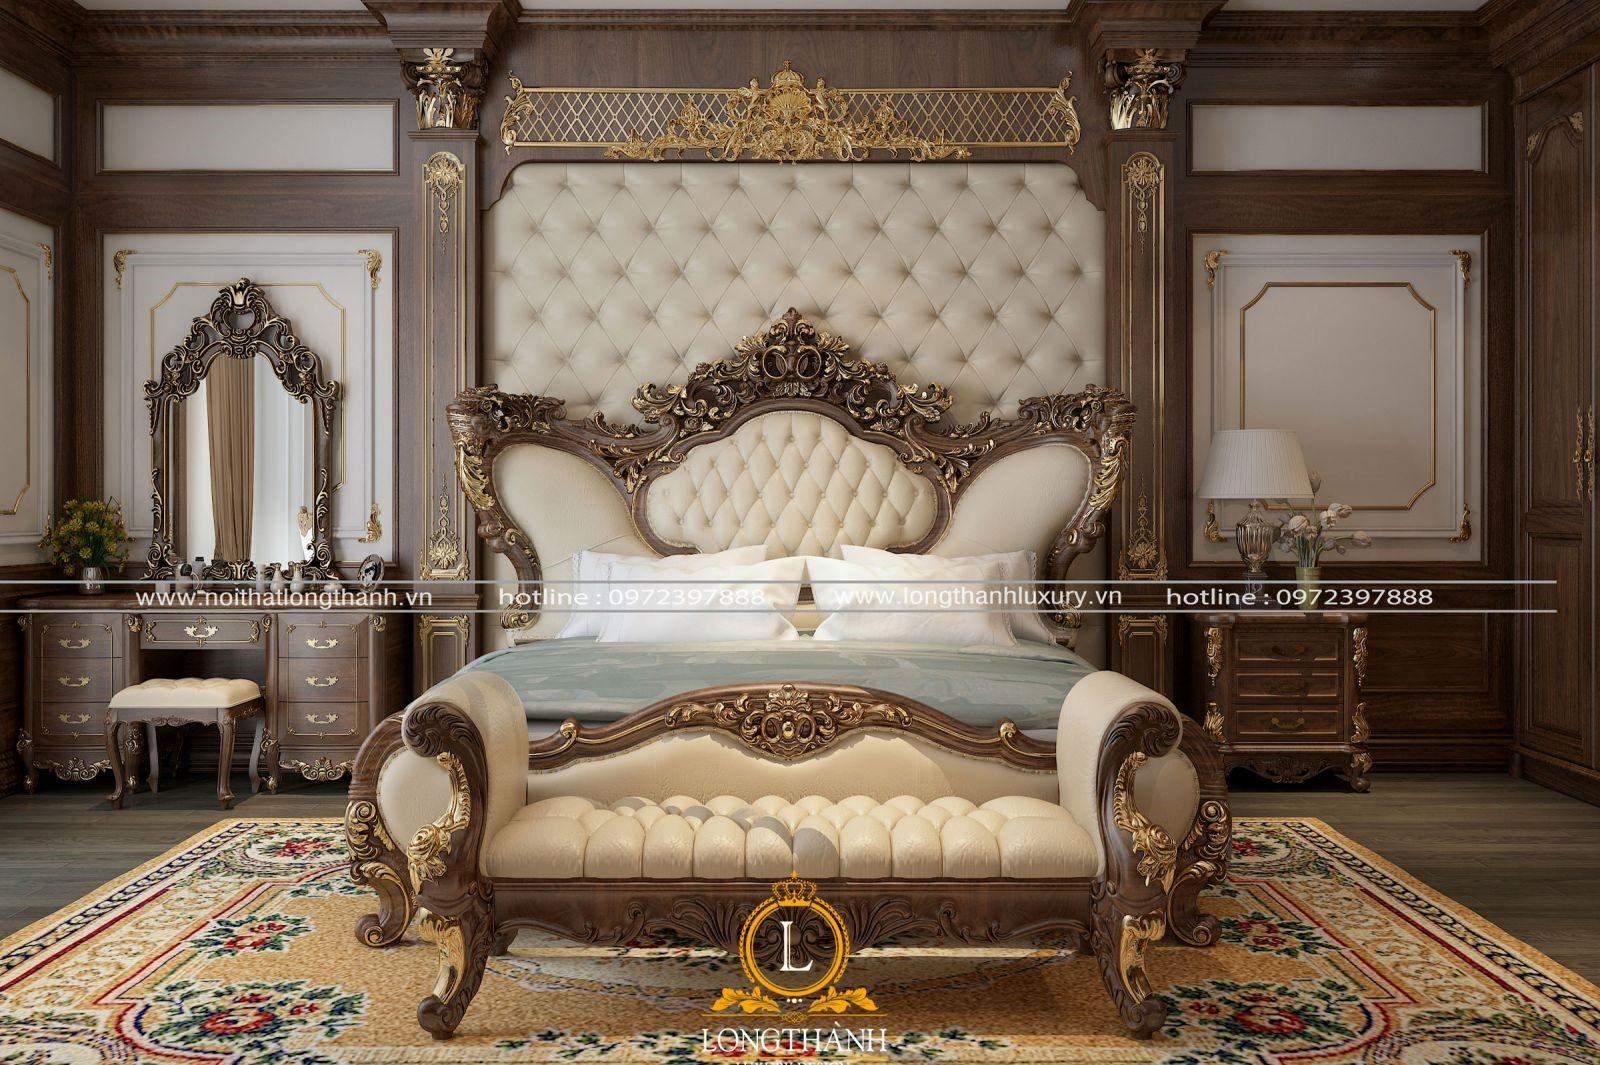 Phòng ngủ tone màu nâu phù hợp người mệnh Thổ